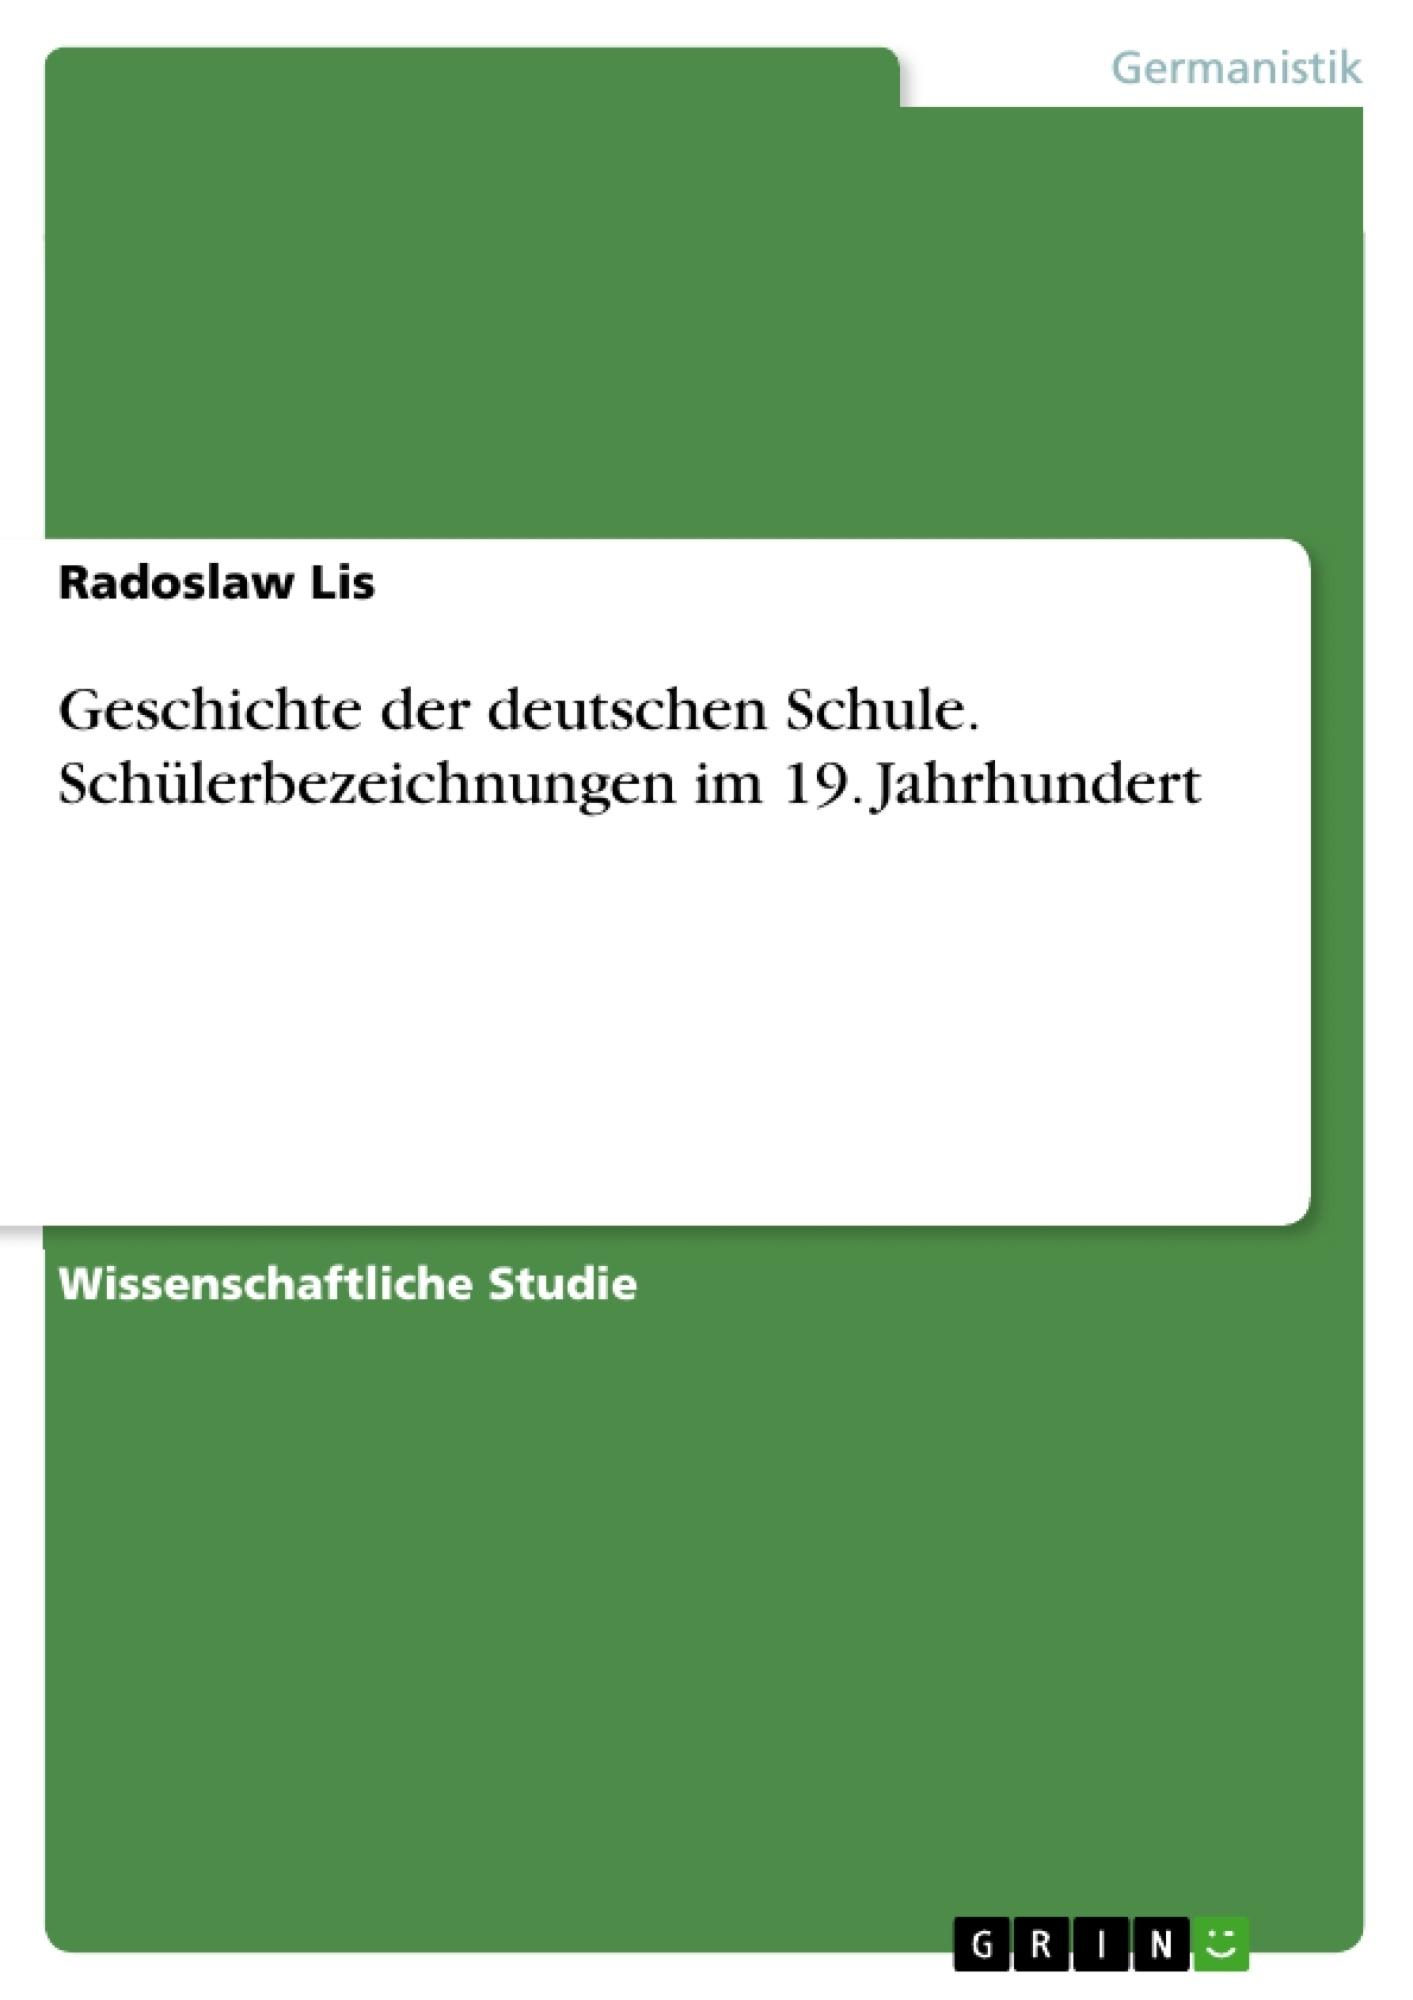 Titel: Geschichte der deutschen Schule. Schülerbezeichnungen im 19. Jahrhundert